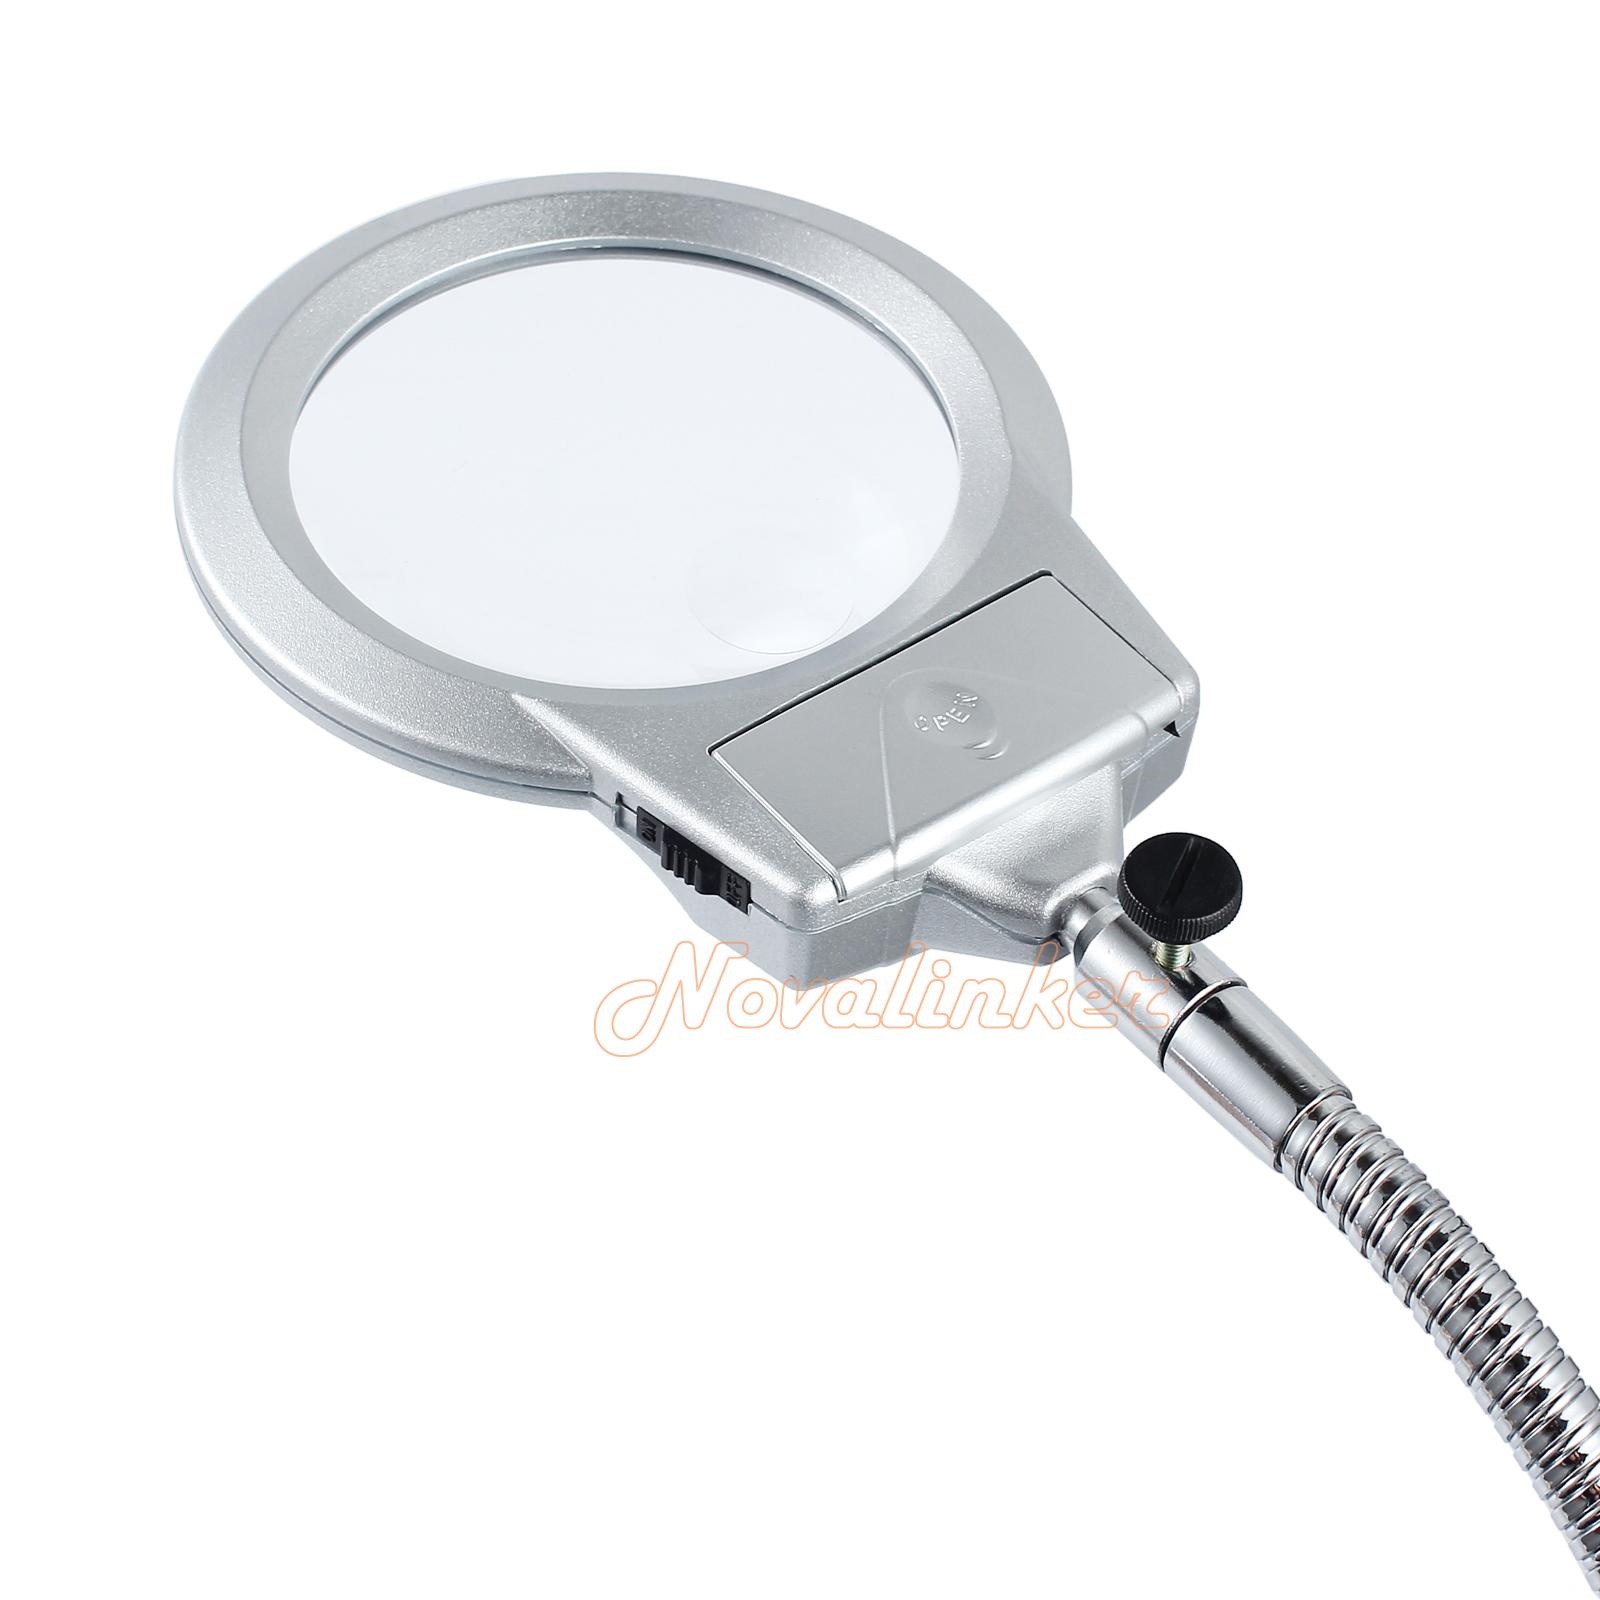 Desk Magnifying Glass : Large lens lighted lamp top desk magnifier magnifying